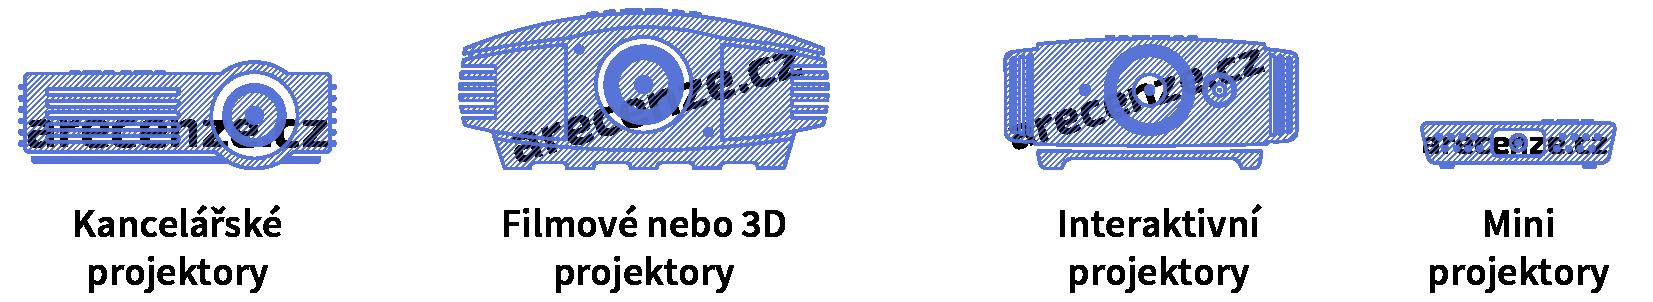 Porovnanie projektorov podľa využitia